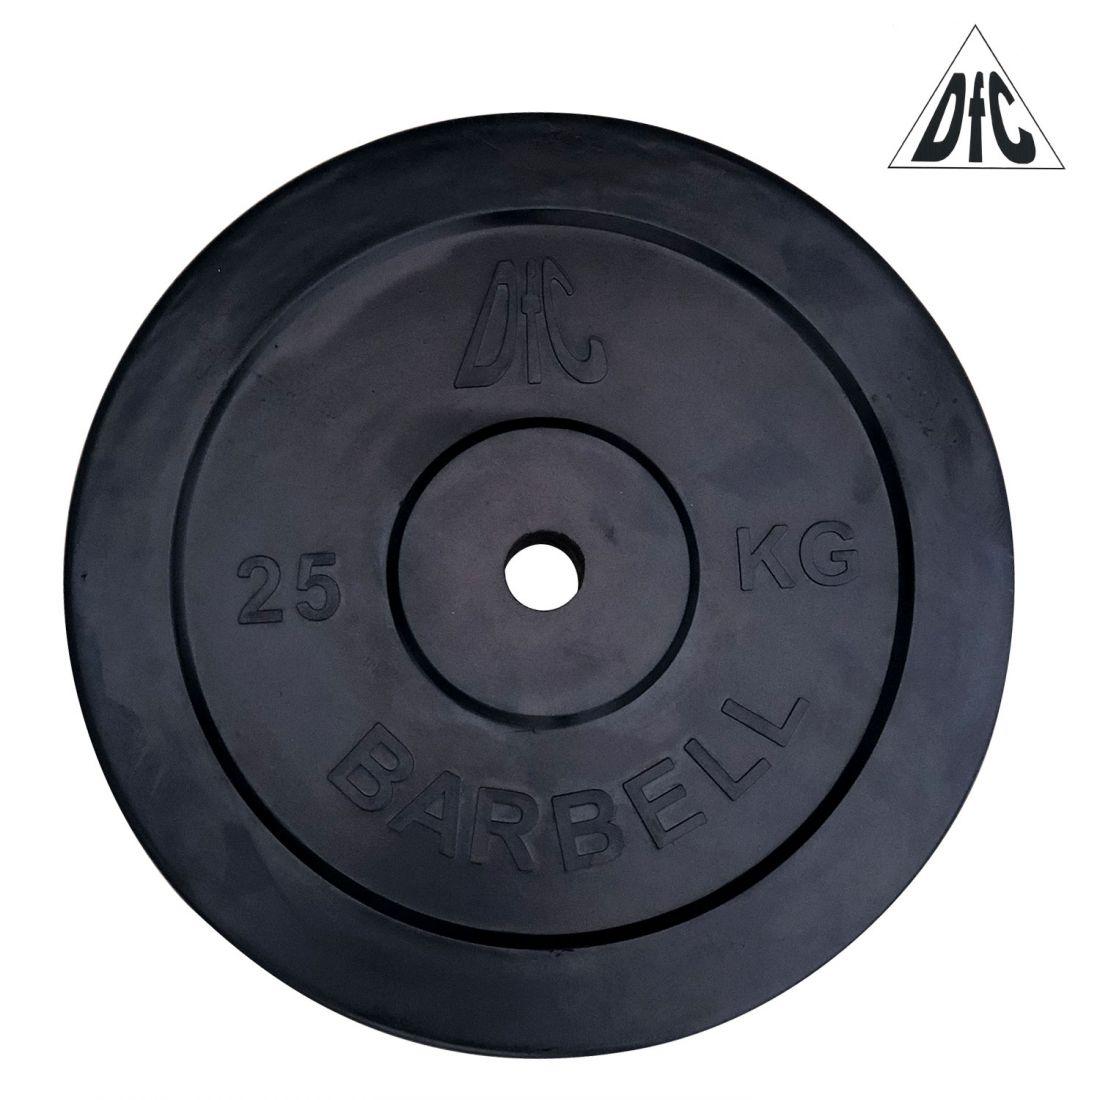 Диск обрезиненный DFC, чёрный, 31 мм, 25 кг